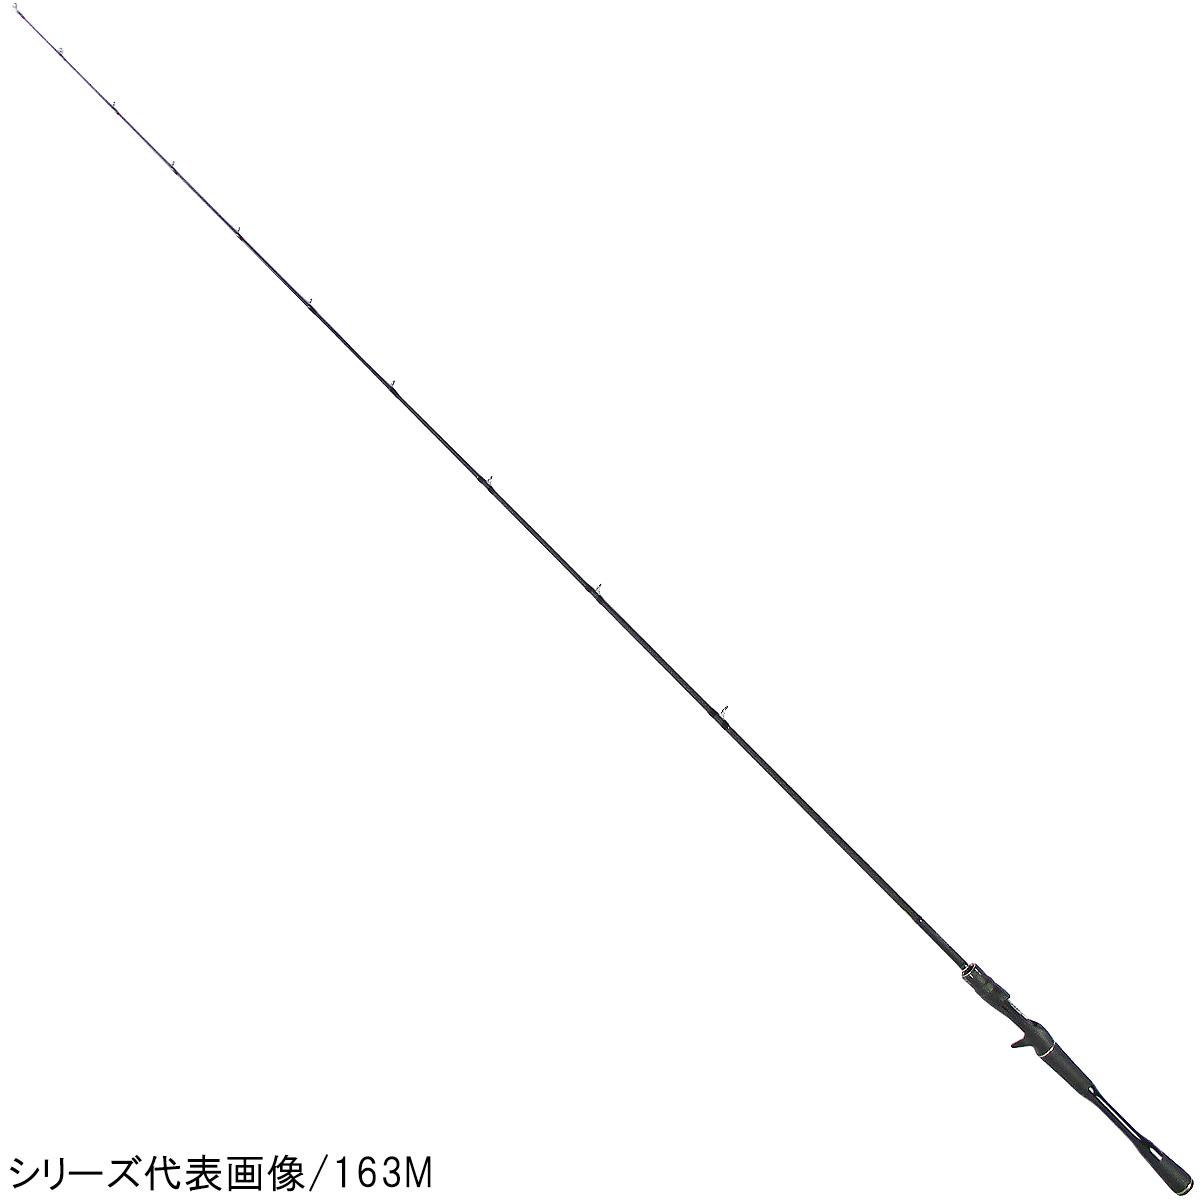 シマノ ポイズンアドレナ (ベイト) 166MH【大型商品】